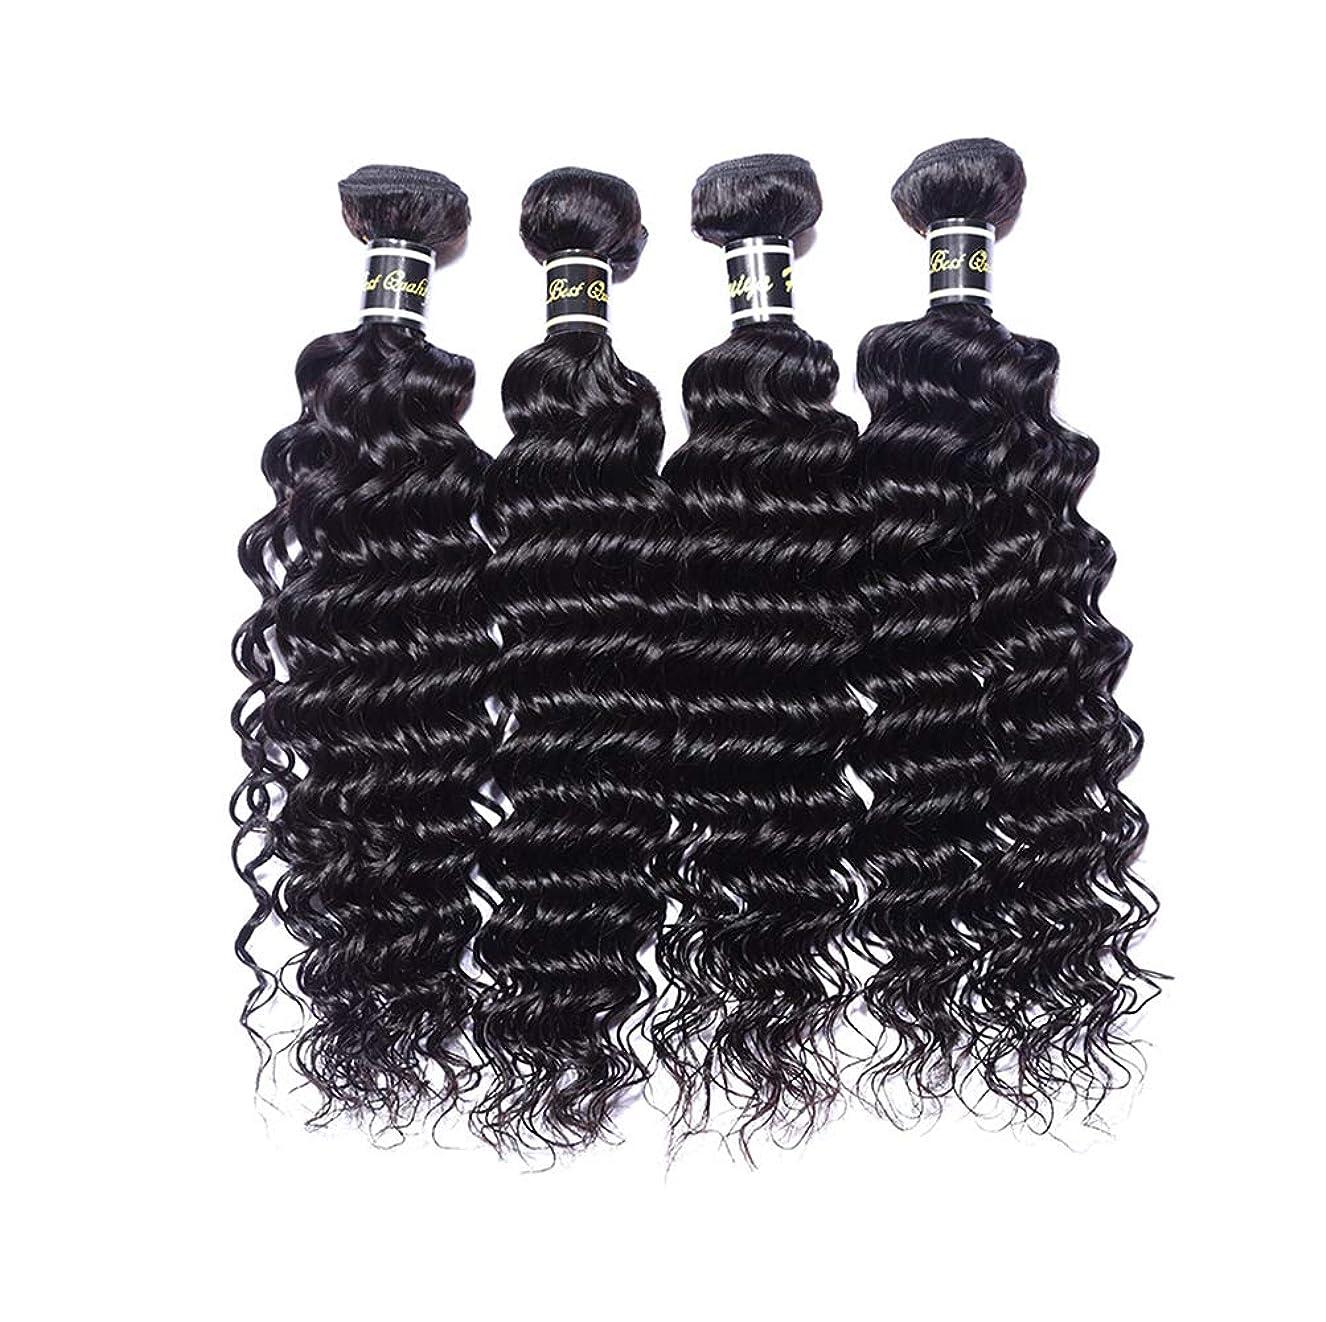 前任者立ち向かうしたがって髪織り8aブラジルバージンヘアディープウェーブバンドル人間の髪バンドルディープウェーブブラジルヘアバンドルディープウェーブ人間の髪